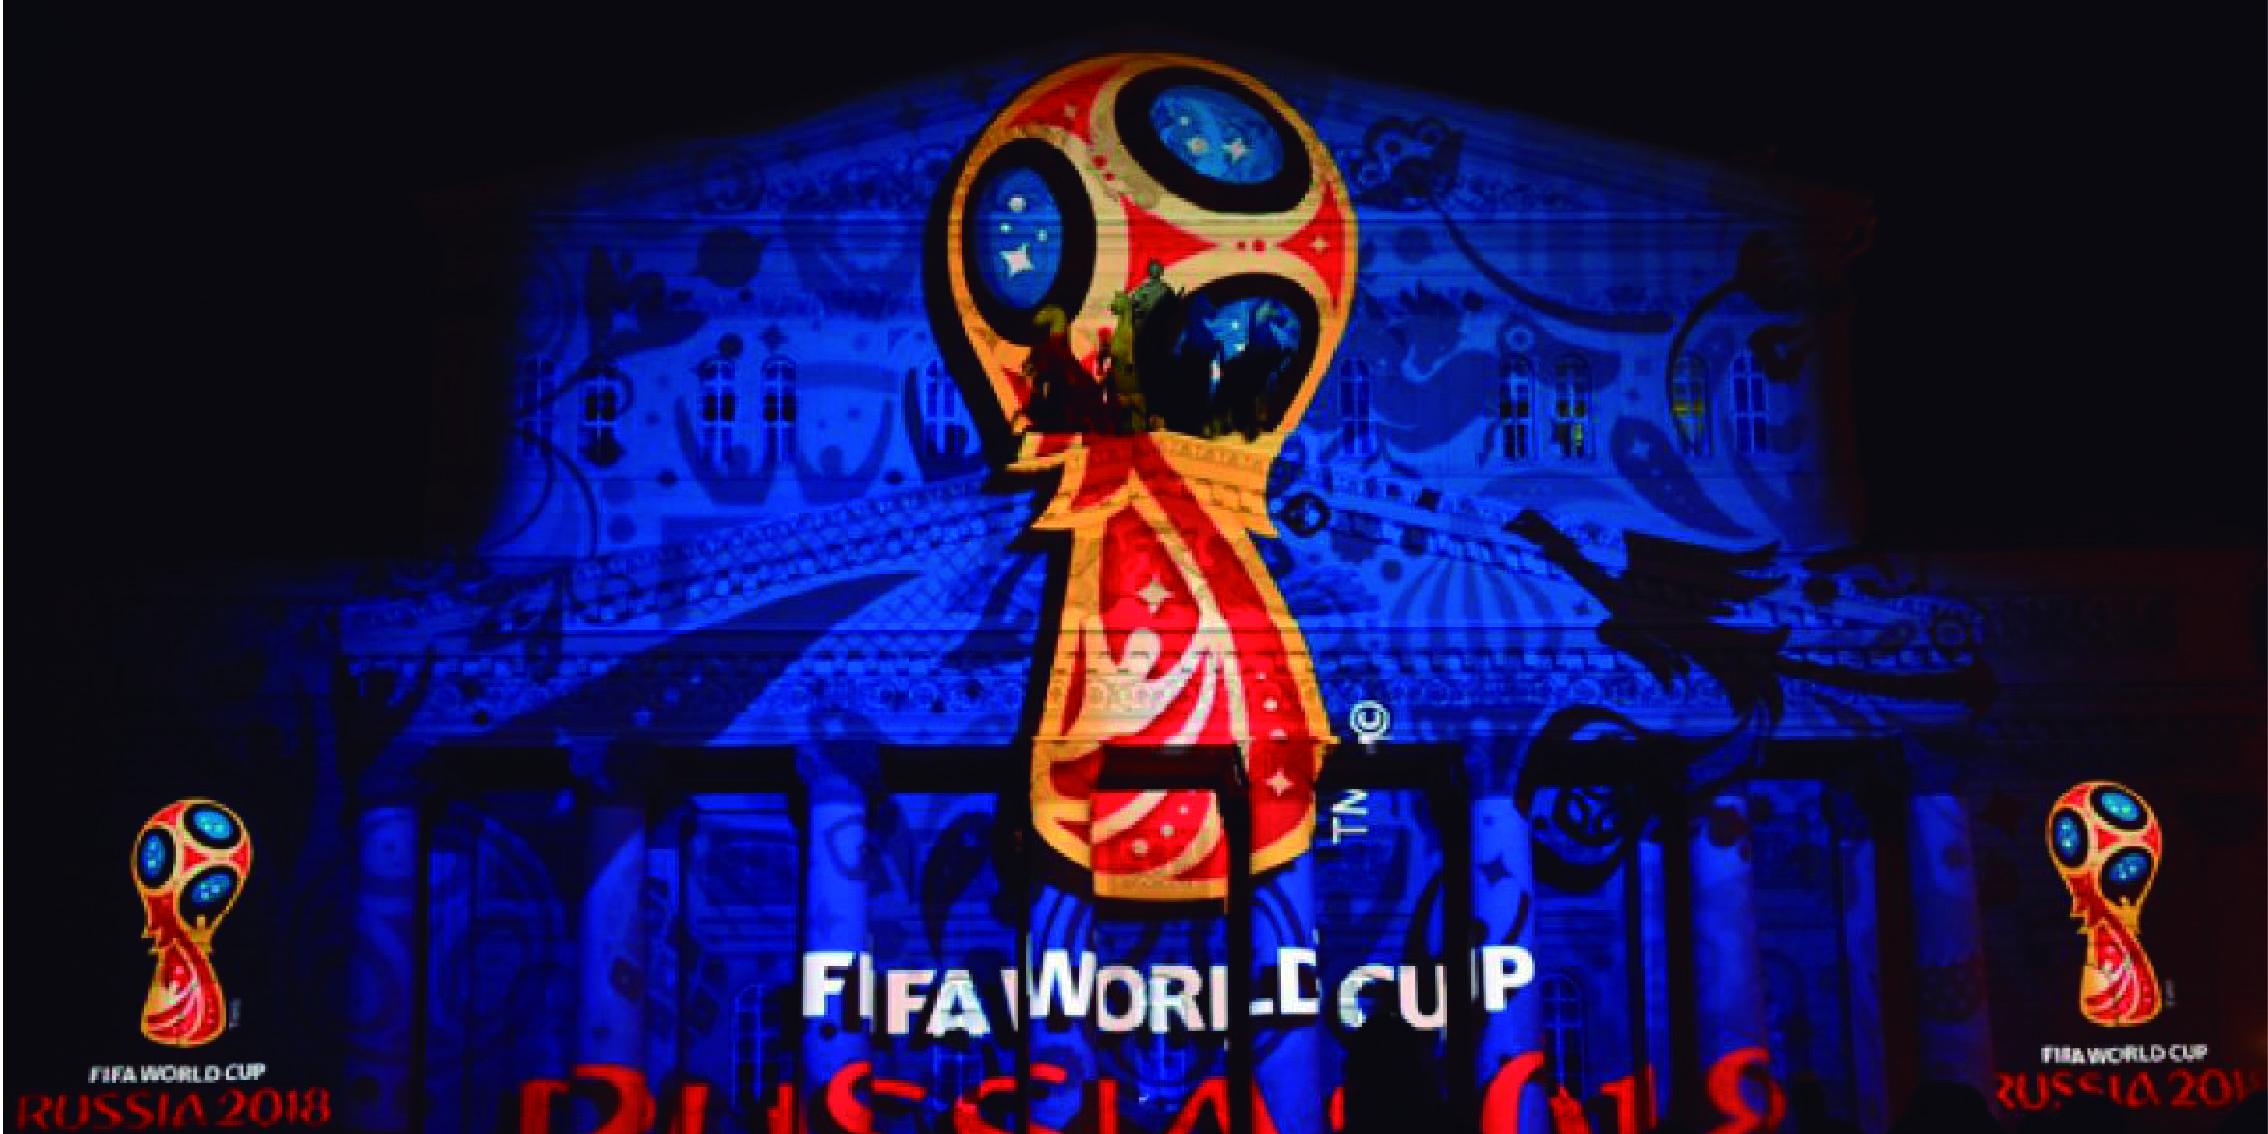 El Mundial de Fútbol ya está aquí.